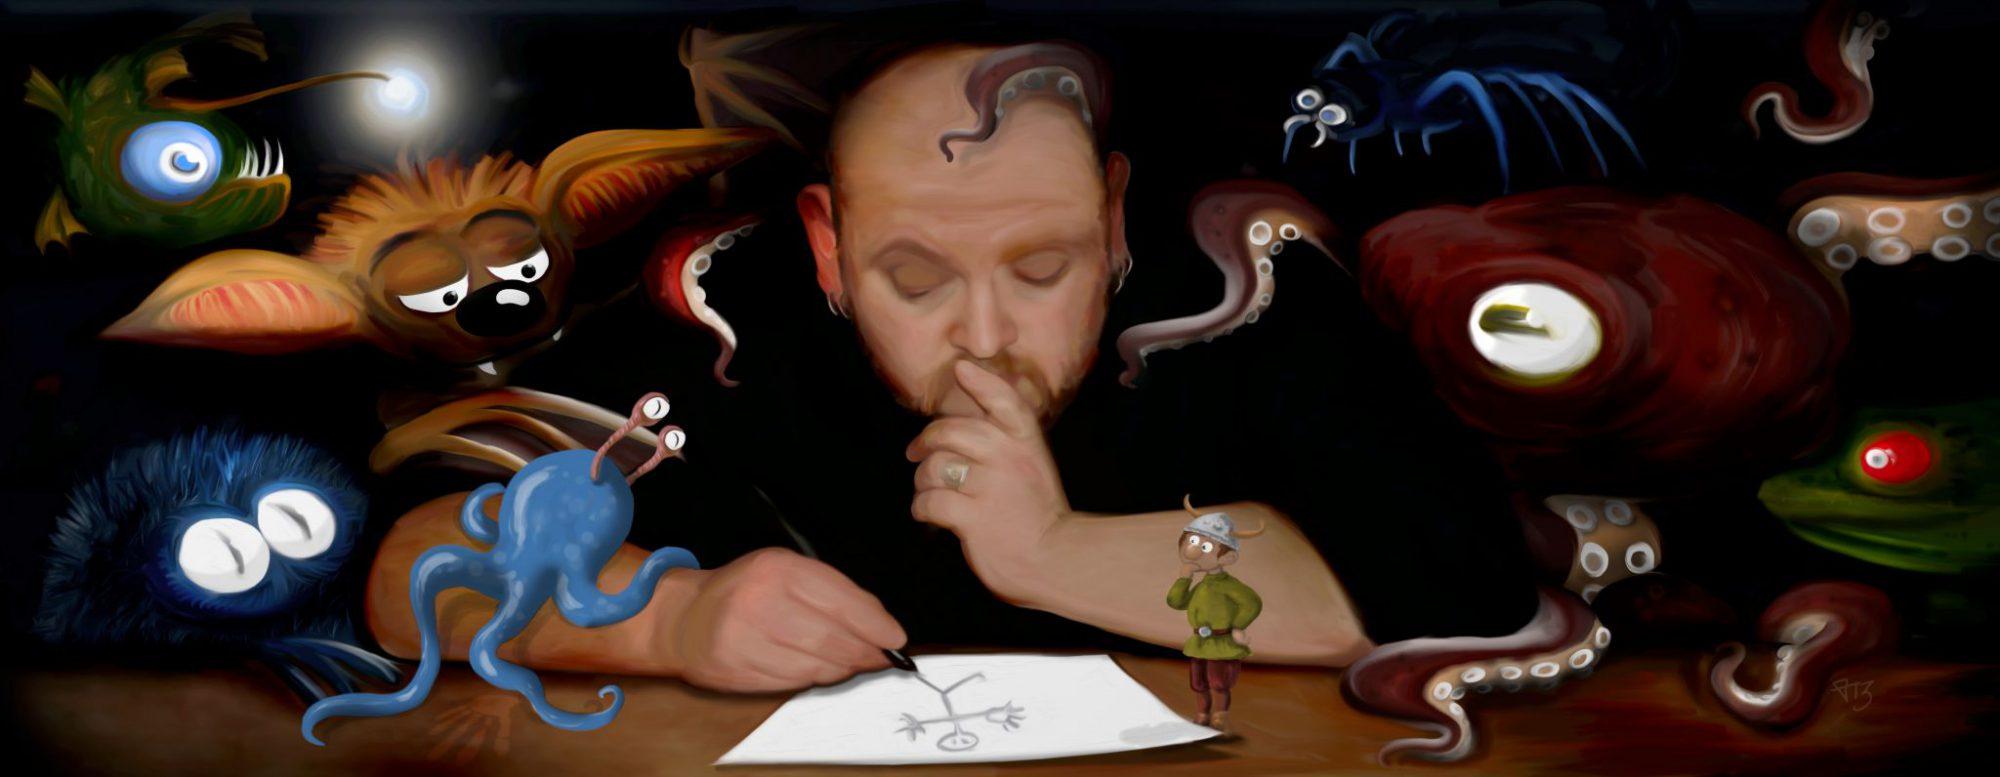 Vladi Krafft - Maler, Illustrator, Grafiker, Künstler